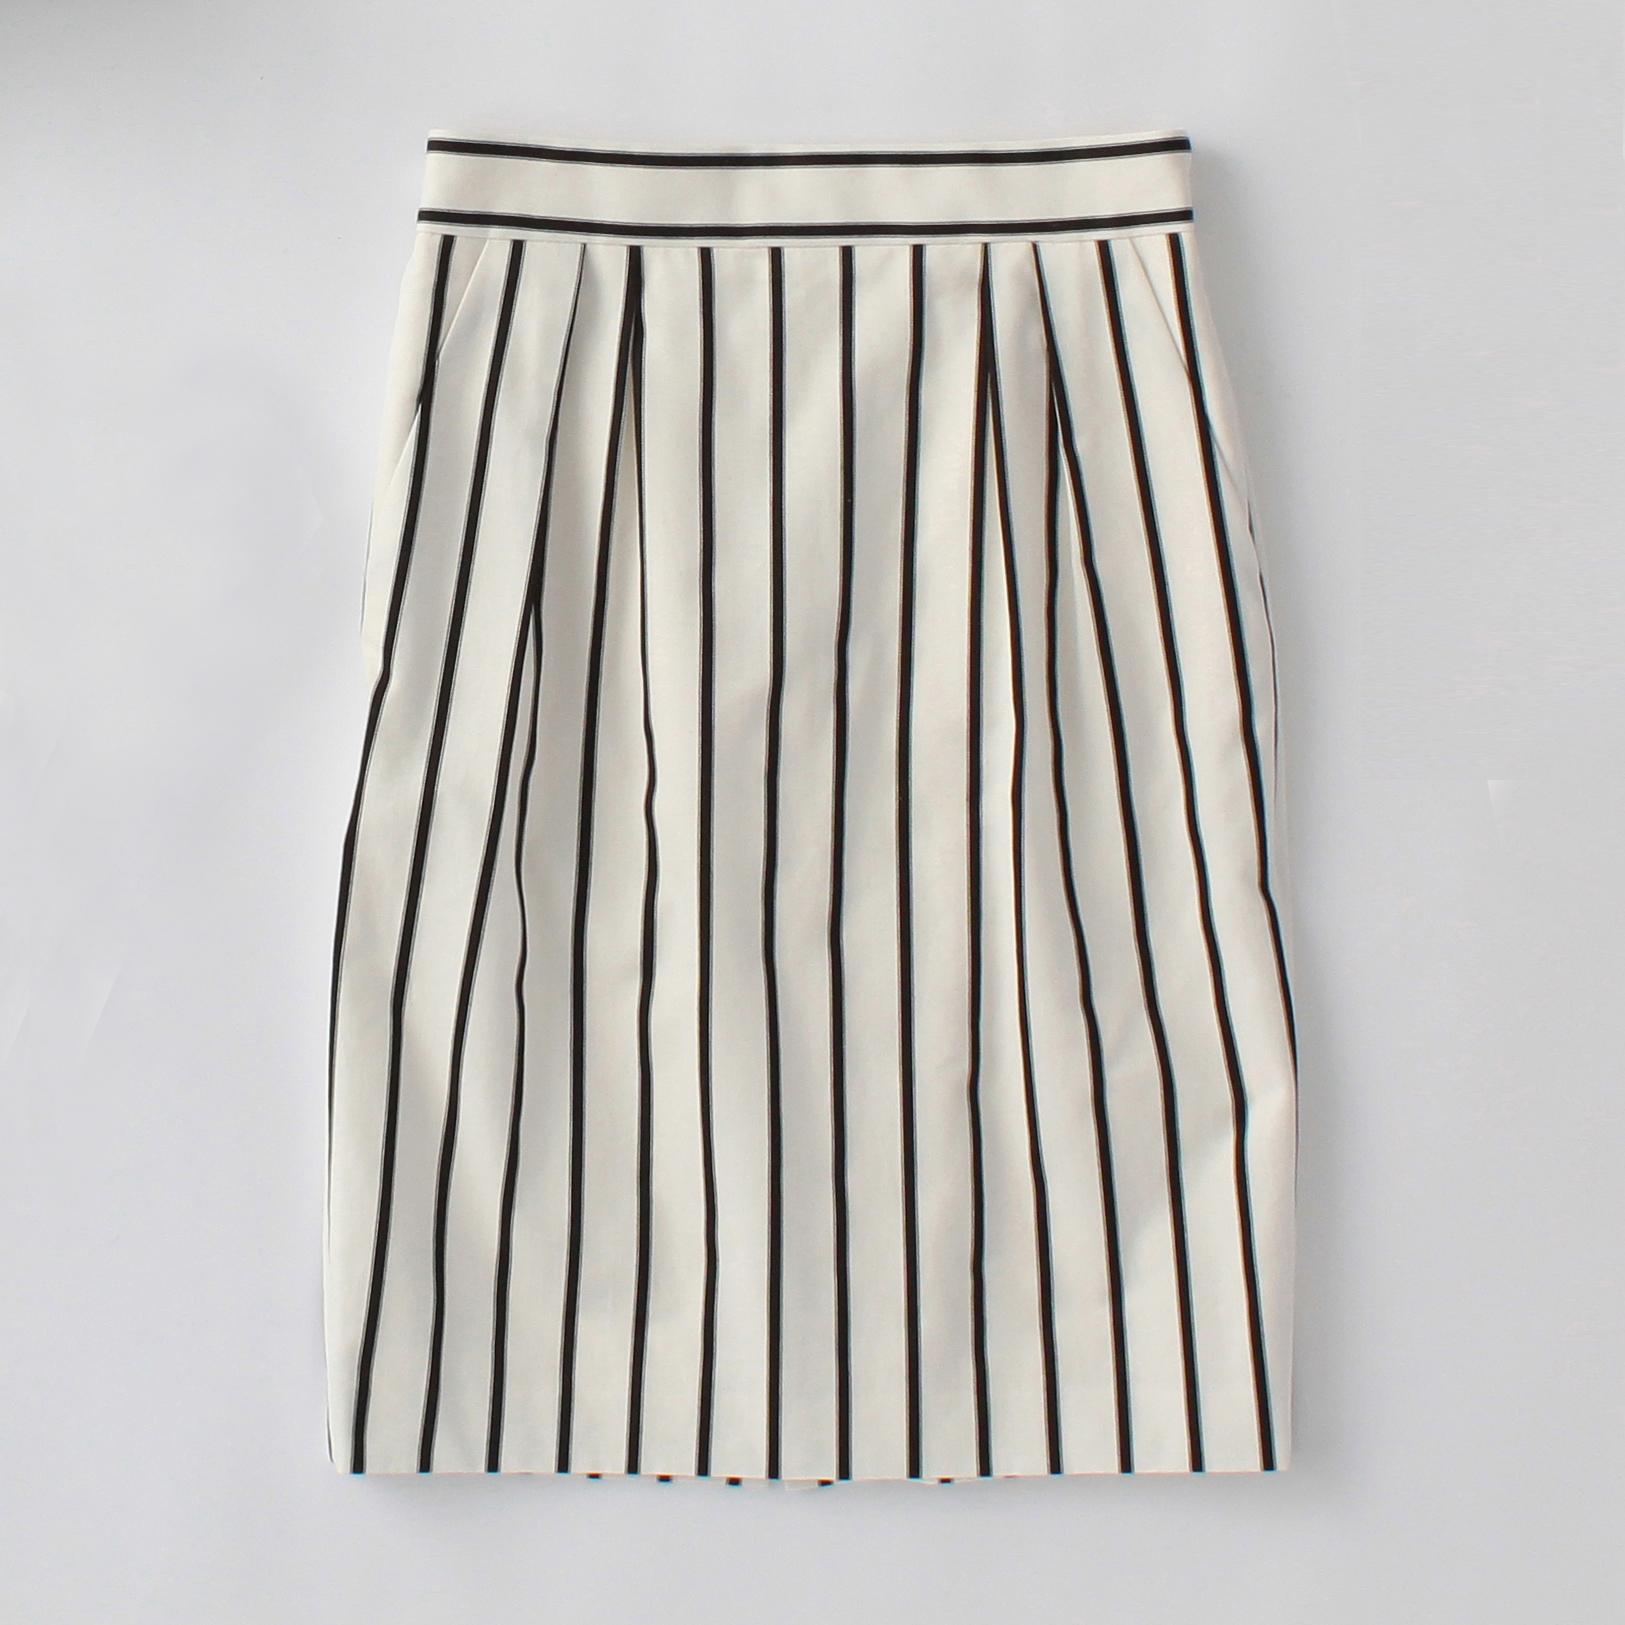 着やせ効果あり!ストライプタイトスカートのコーディネートのサムネイル画像